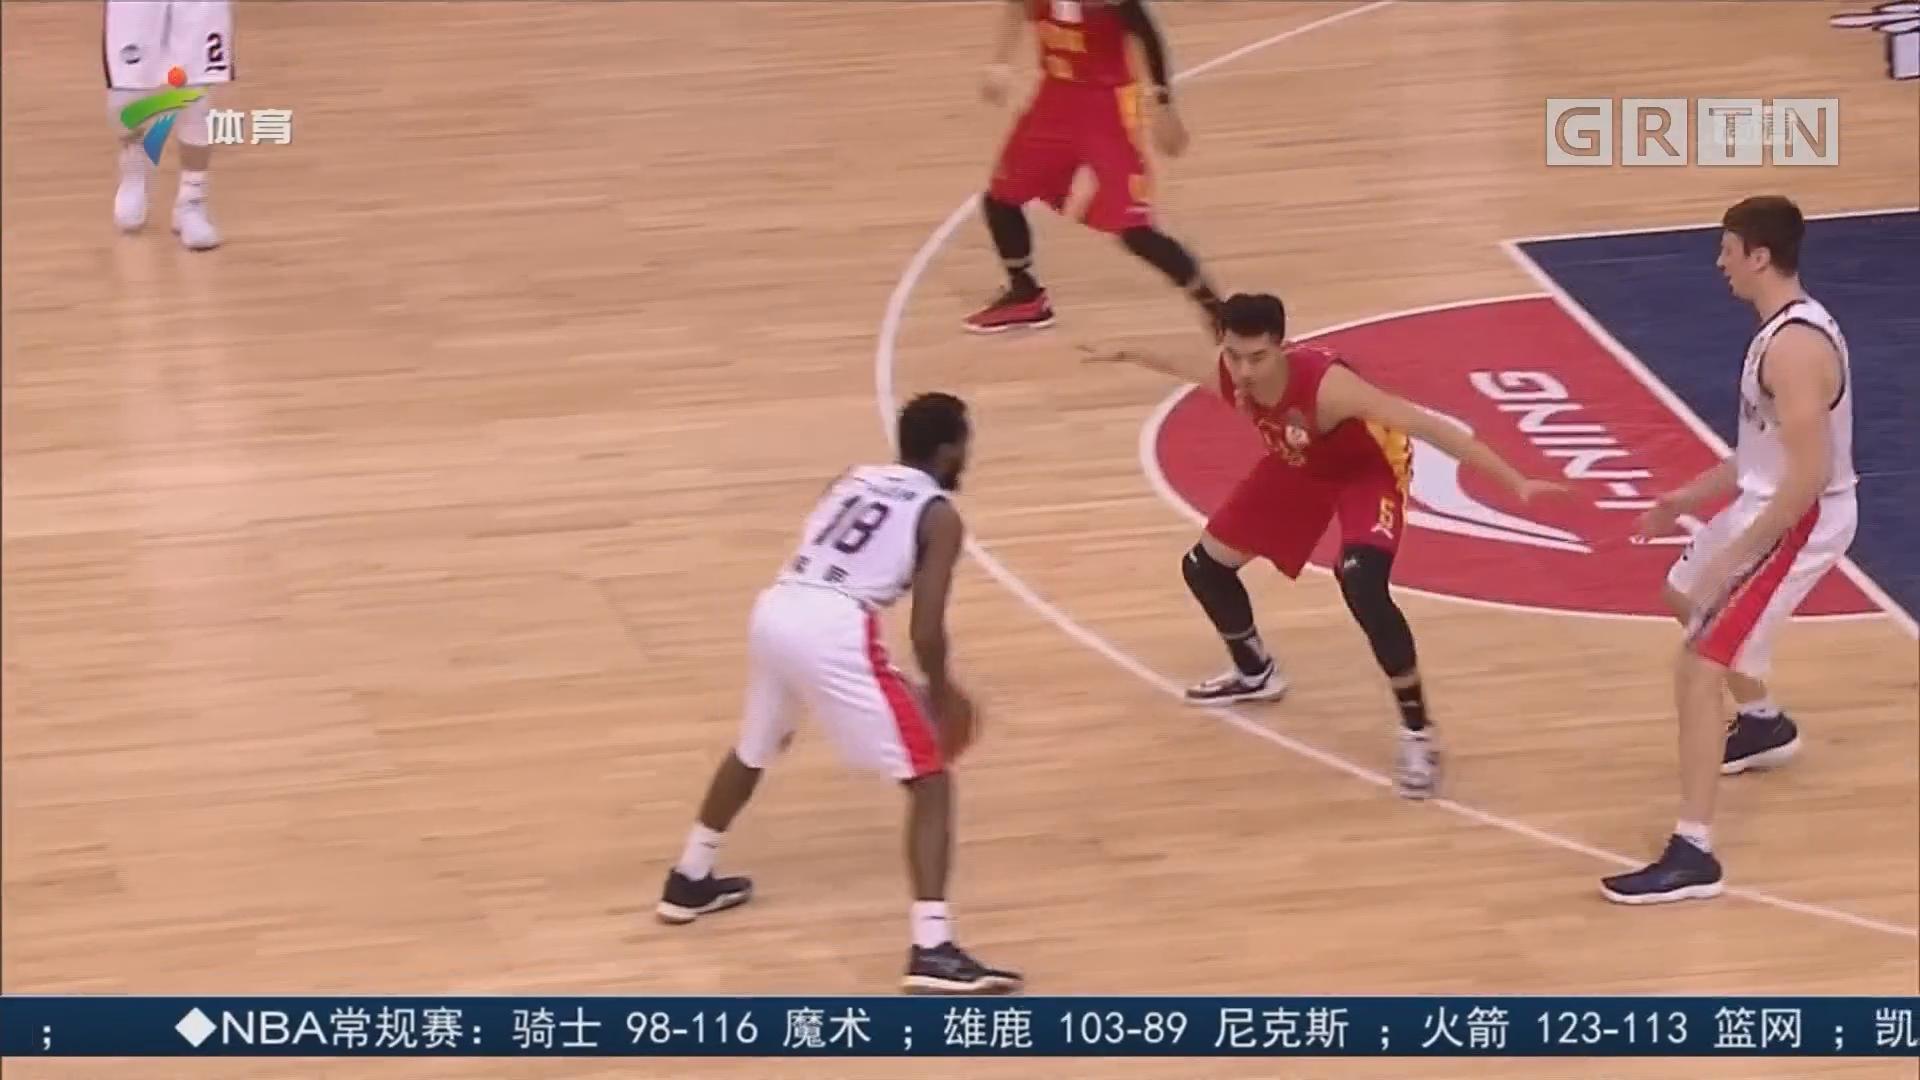 广州龙狮队史首次杀入季后赛